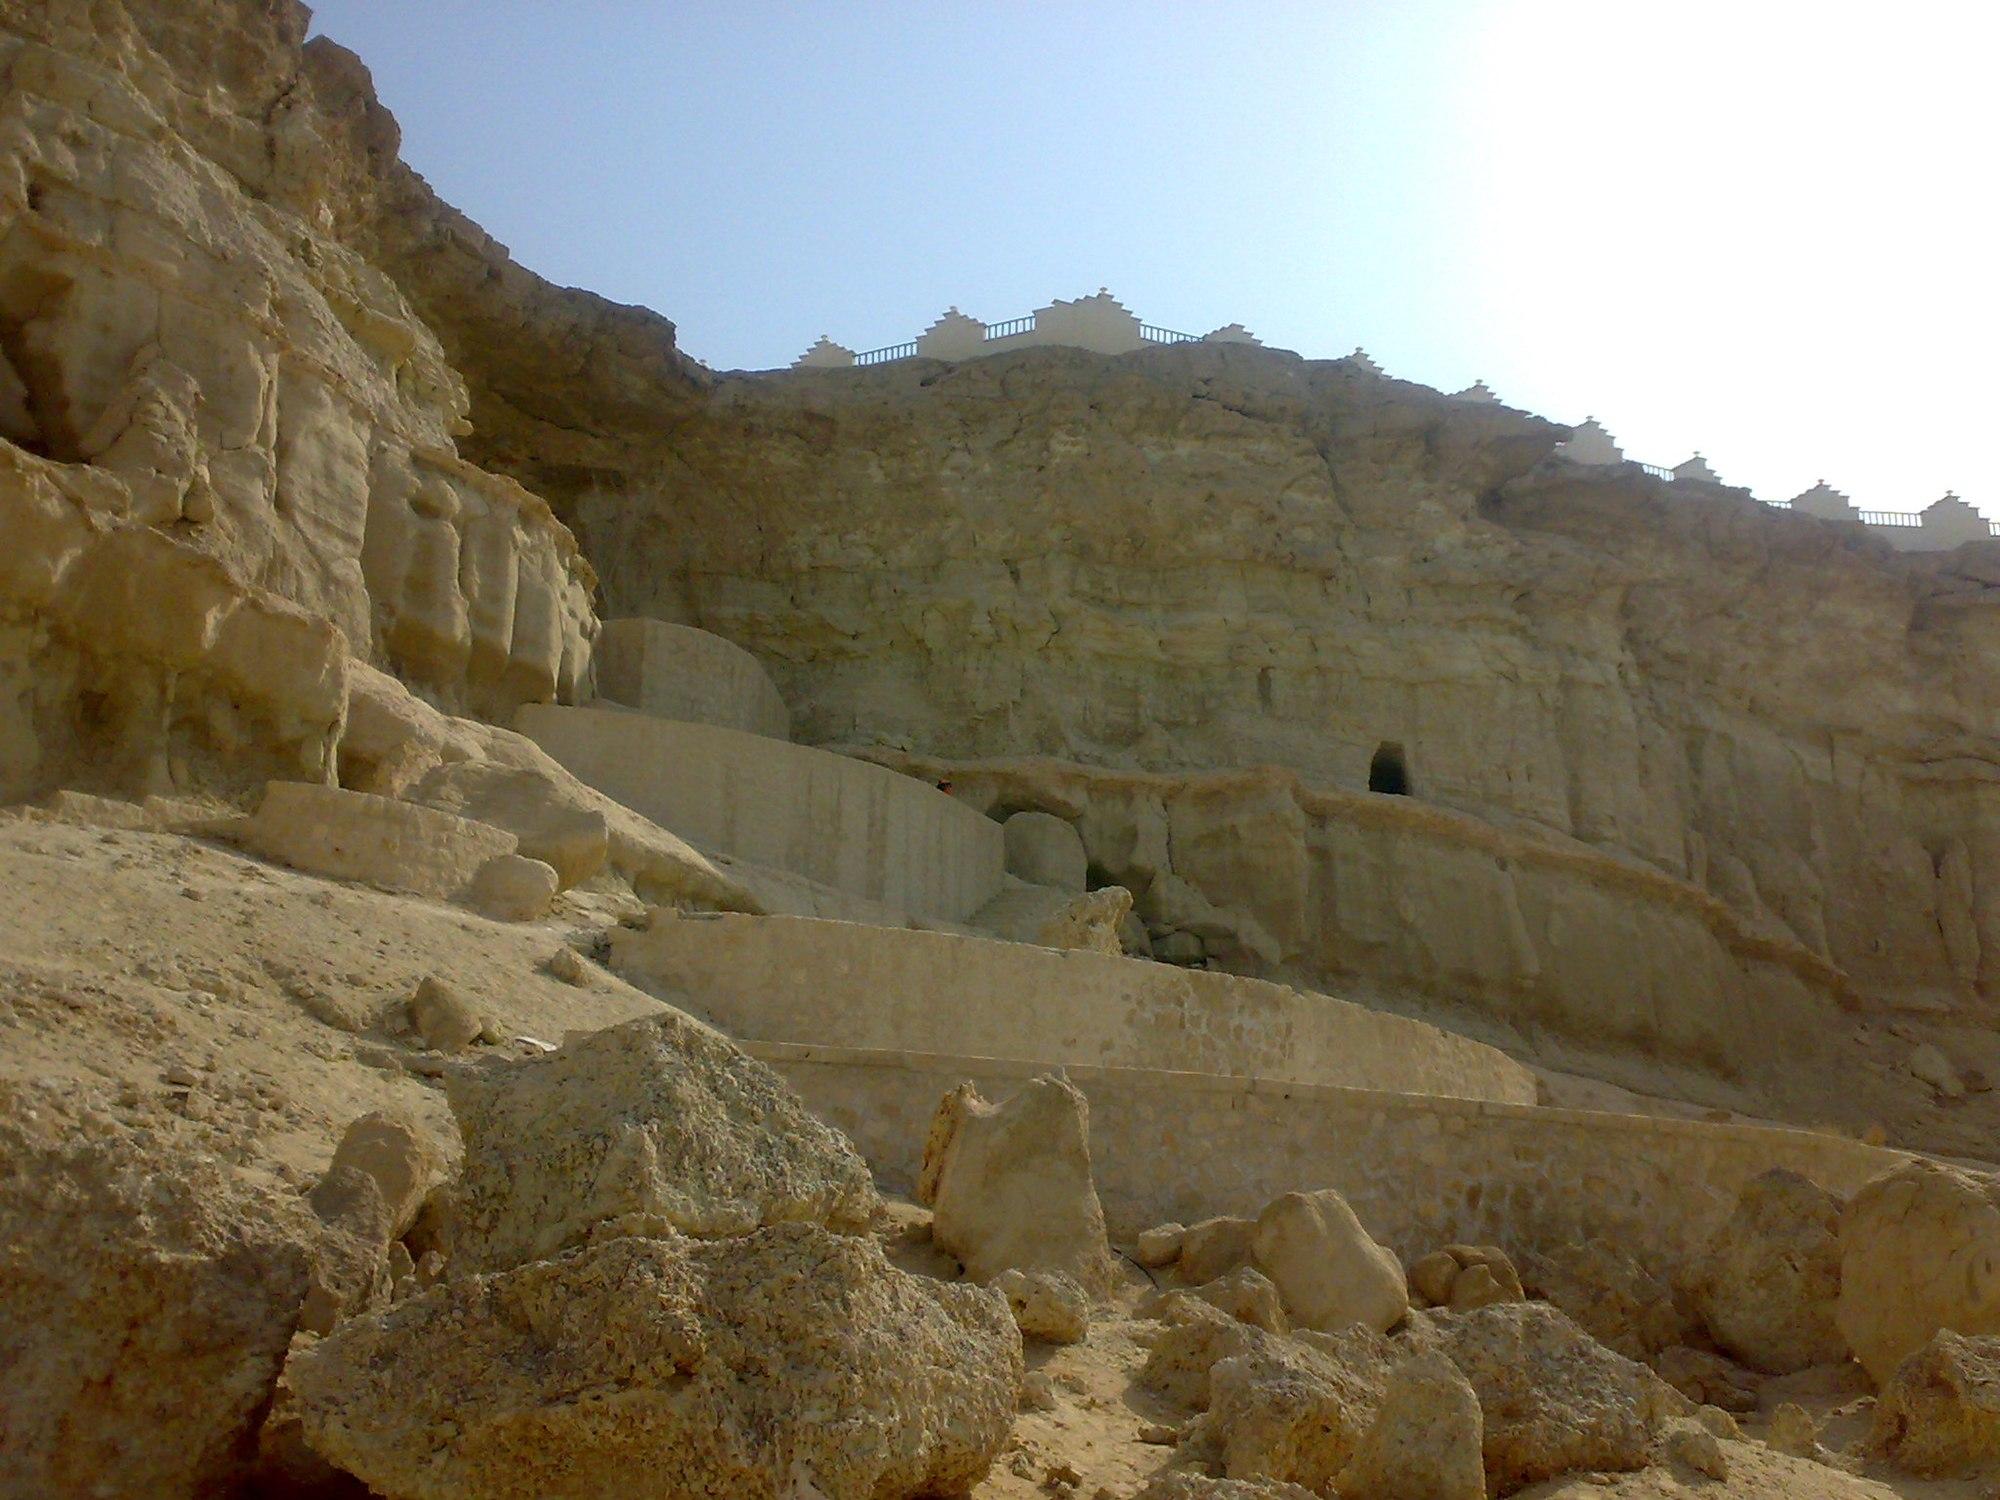 غار خربس (جزیره قشم)